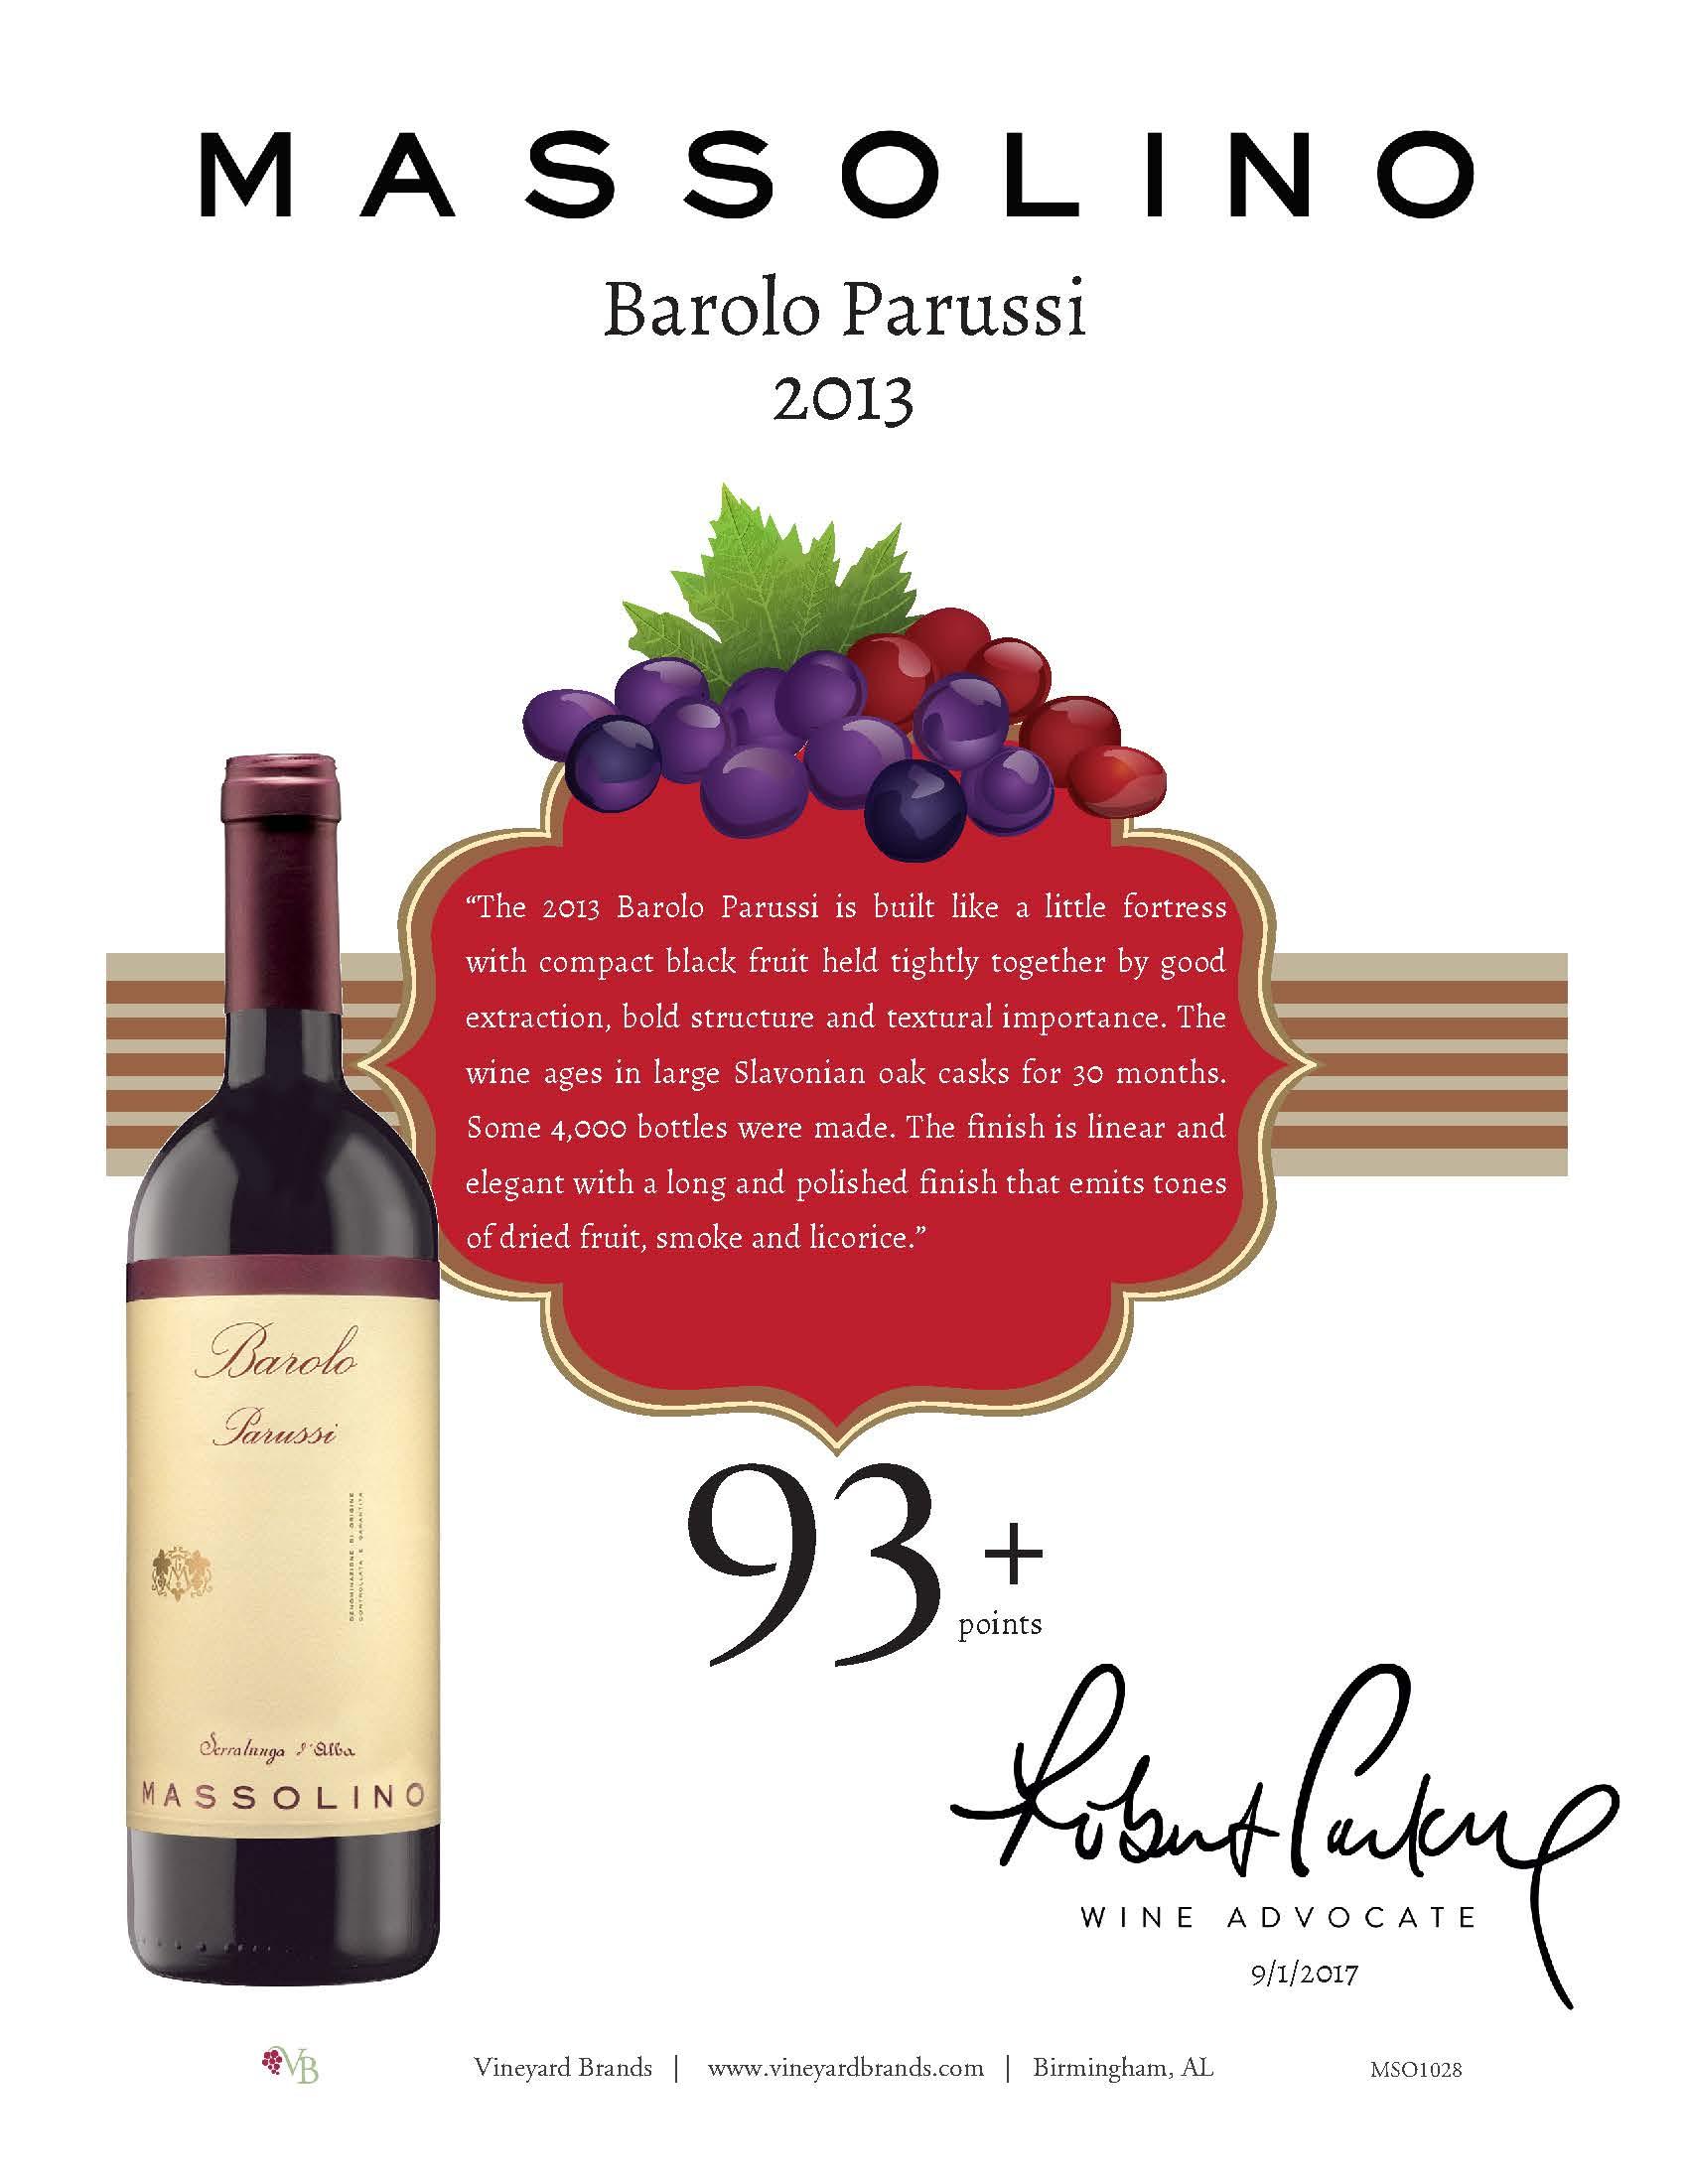 Massolino Barolo Parussi 2013.jpg